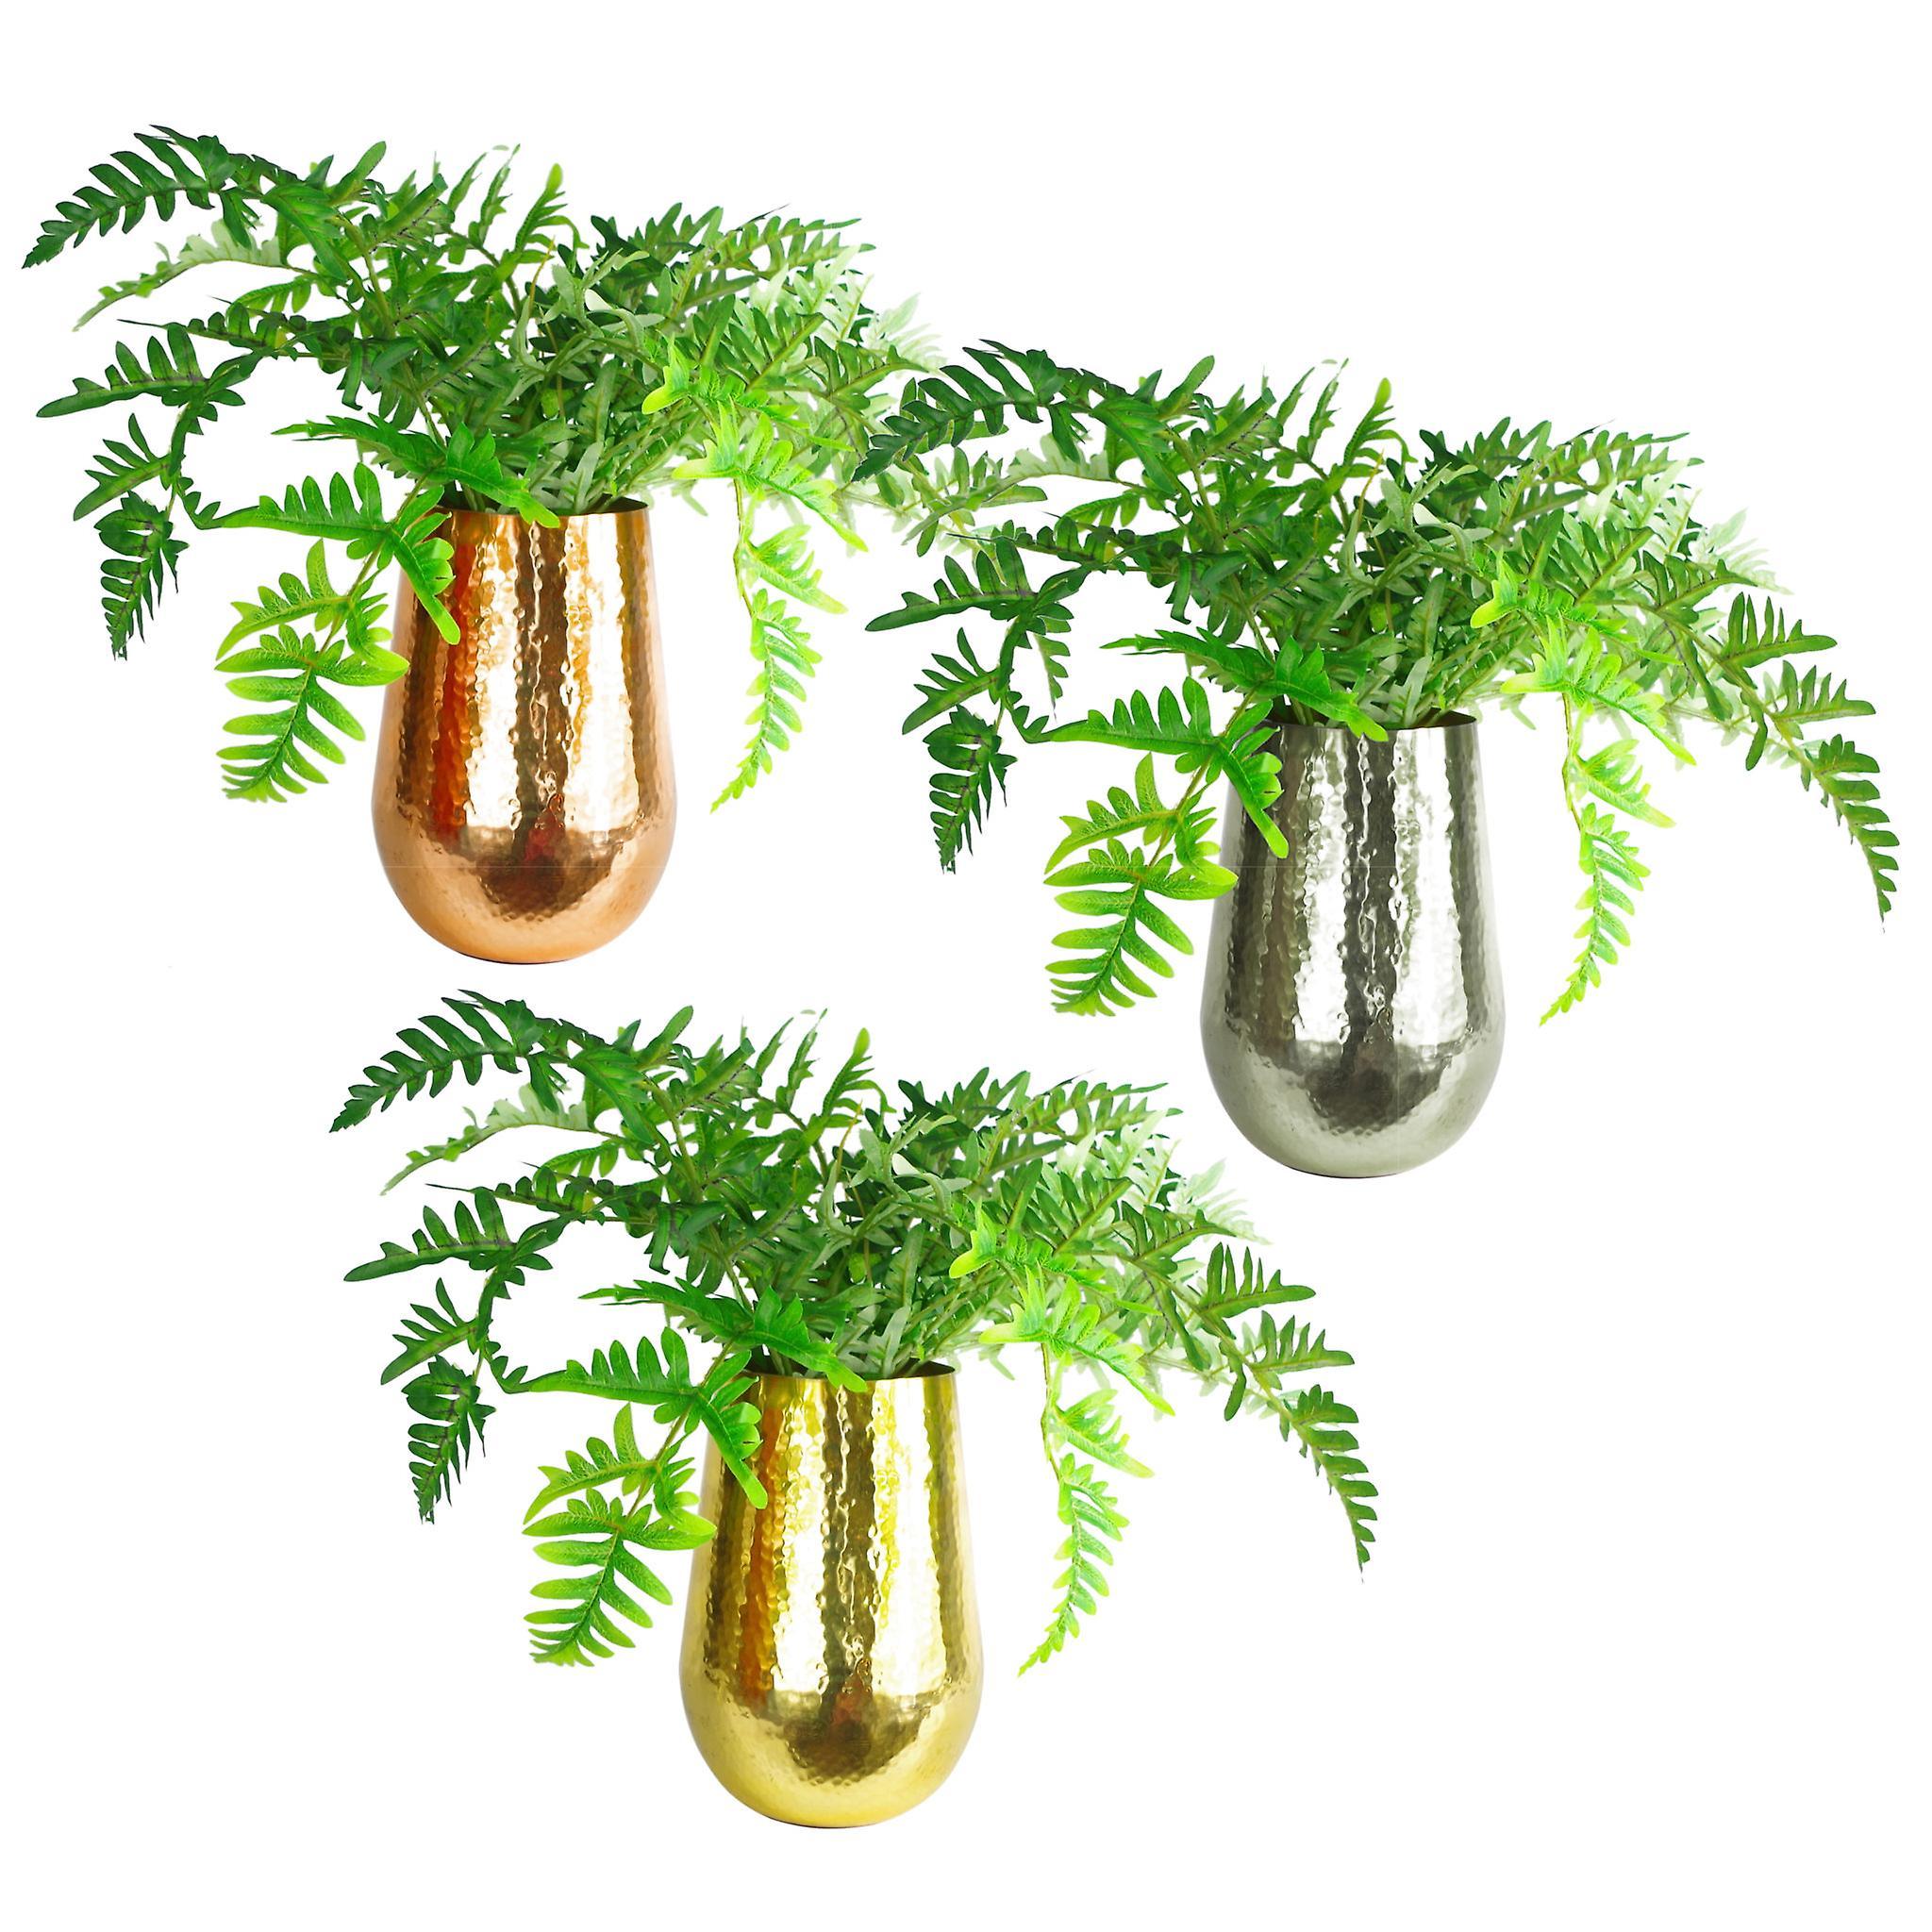 Leaf Tall Metal Copper Vase Planter Large 20 x 30cm